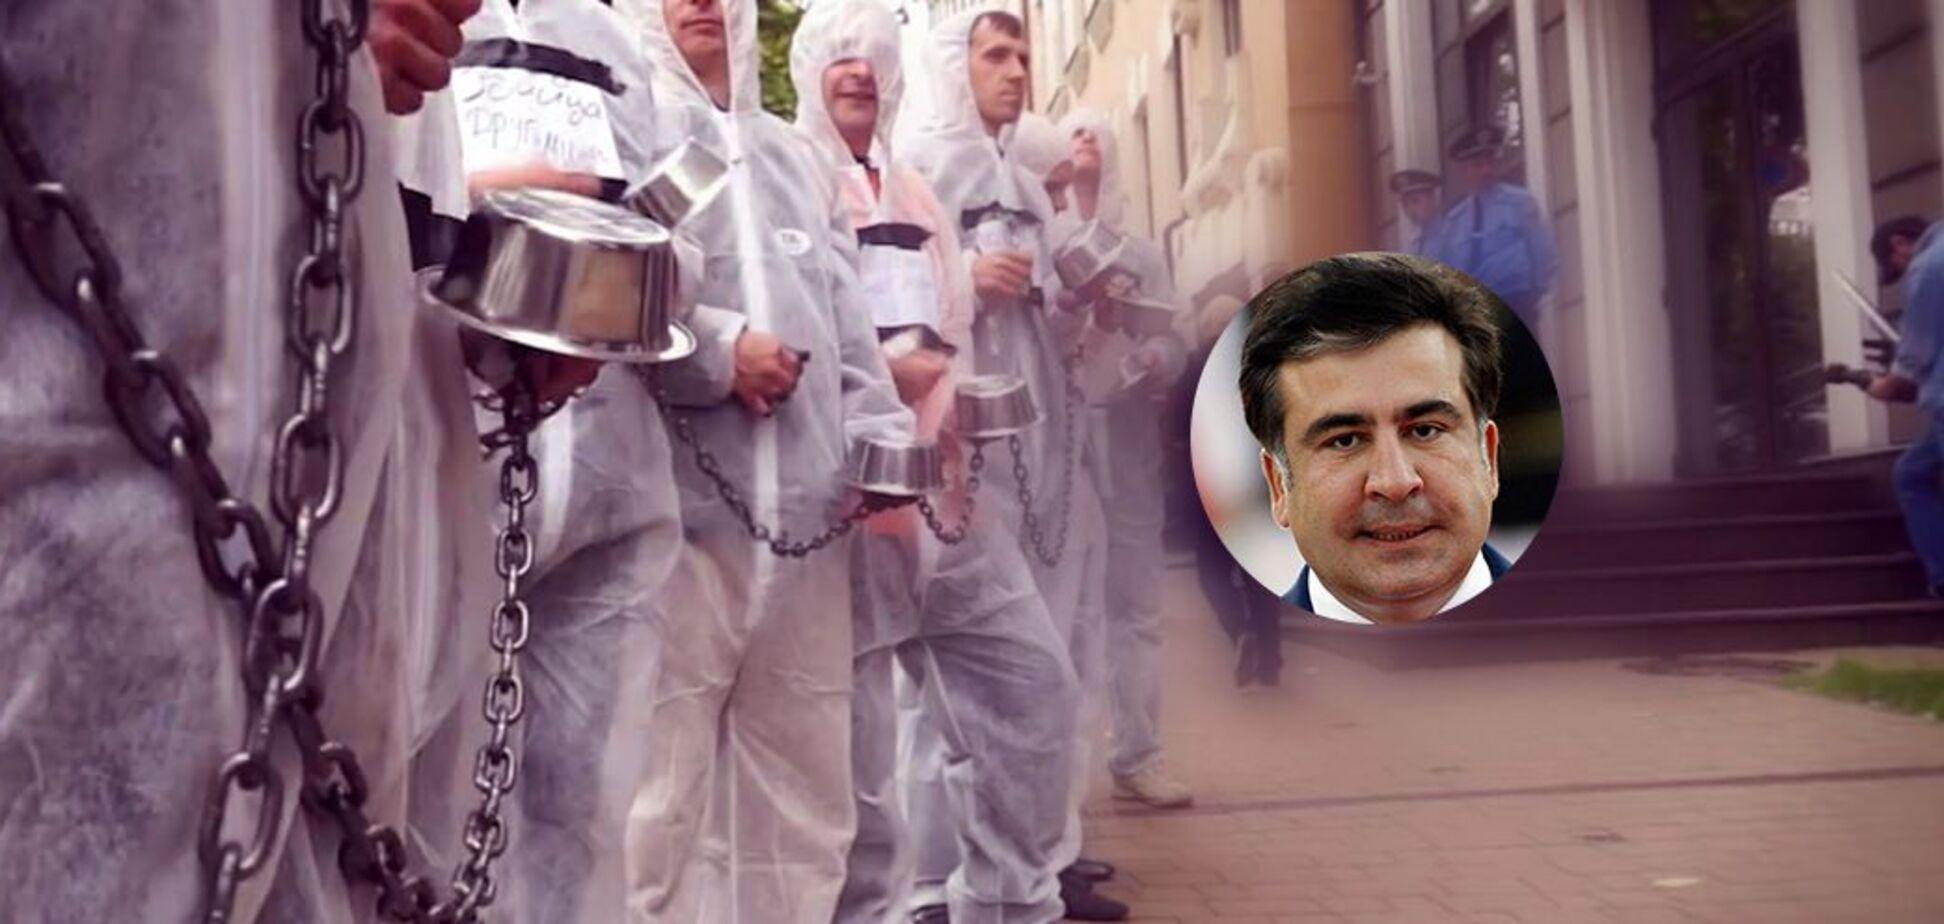 Валерій Товмач: Фокус – спецпроект журналістських розслідувань 'Кінець Міхо-епохи' або 'Вбивча партія'